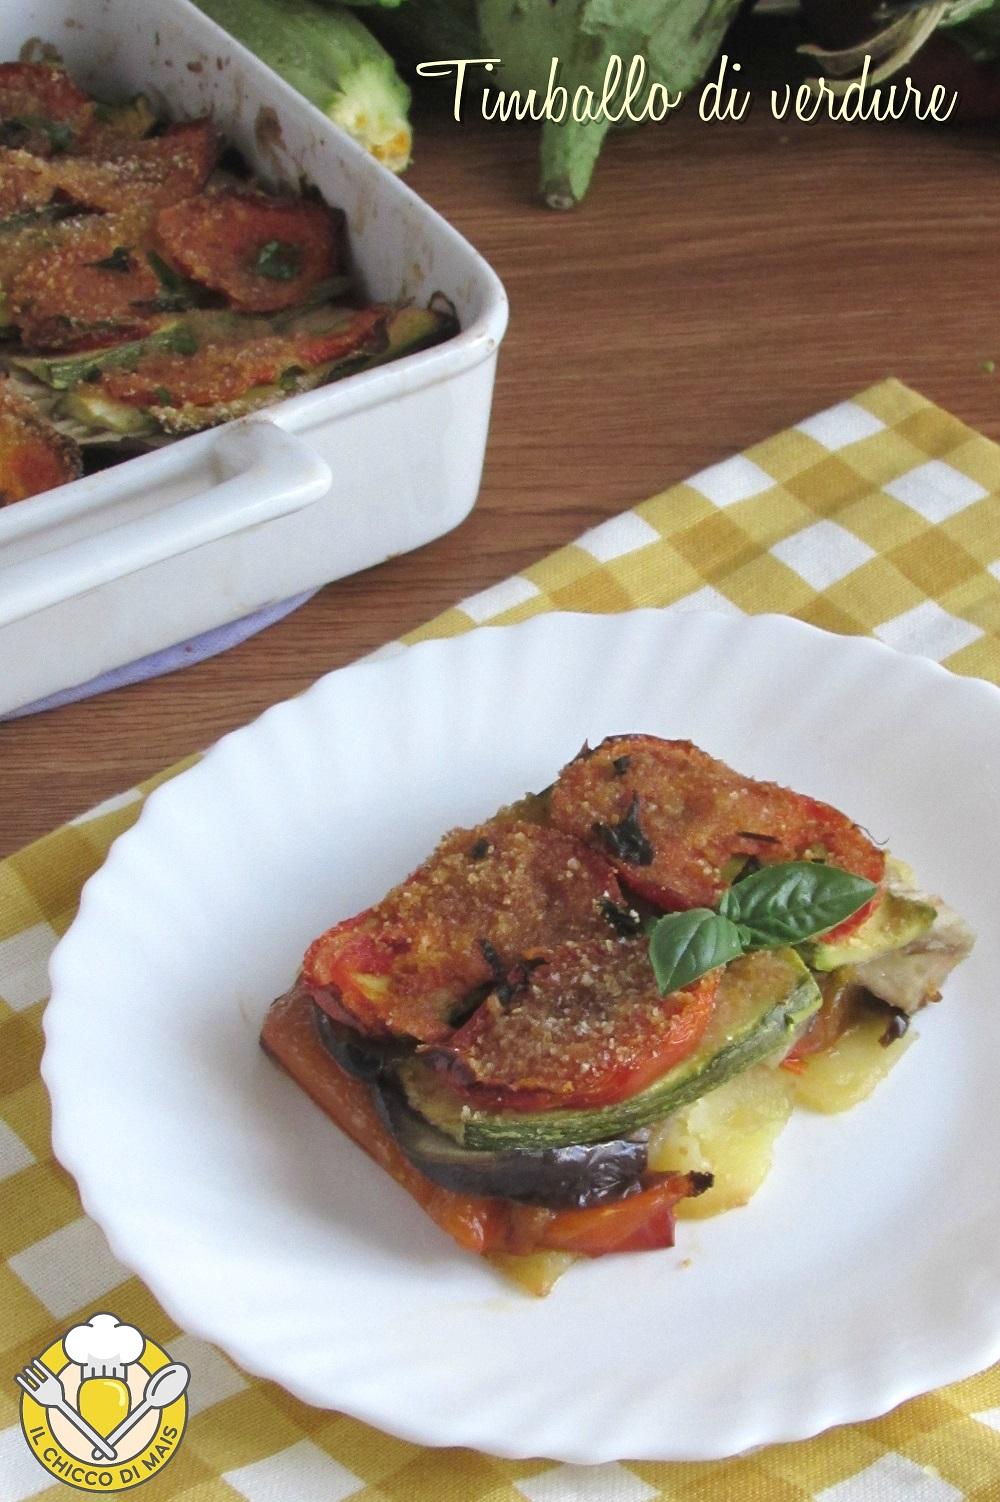 v_ timballo di verdure tutto a crudo ricetta vegana sformato di patate peperoni melanzane zucchine pomodori il chicco di mais